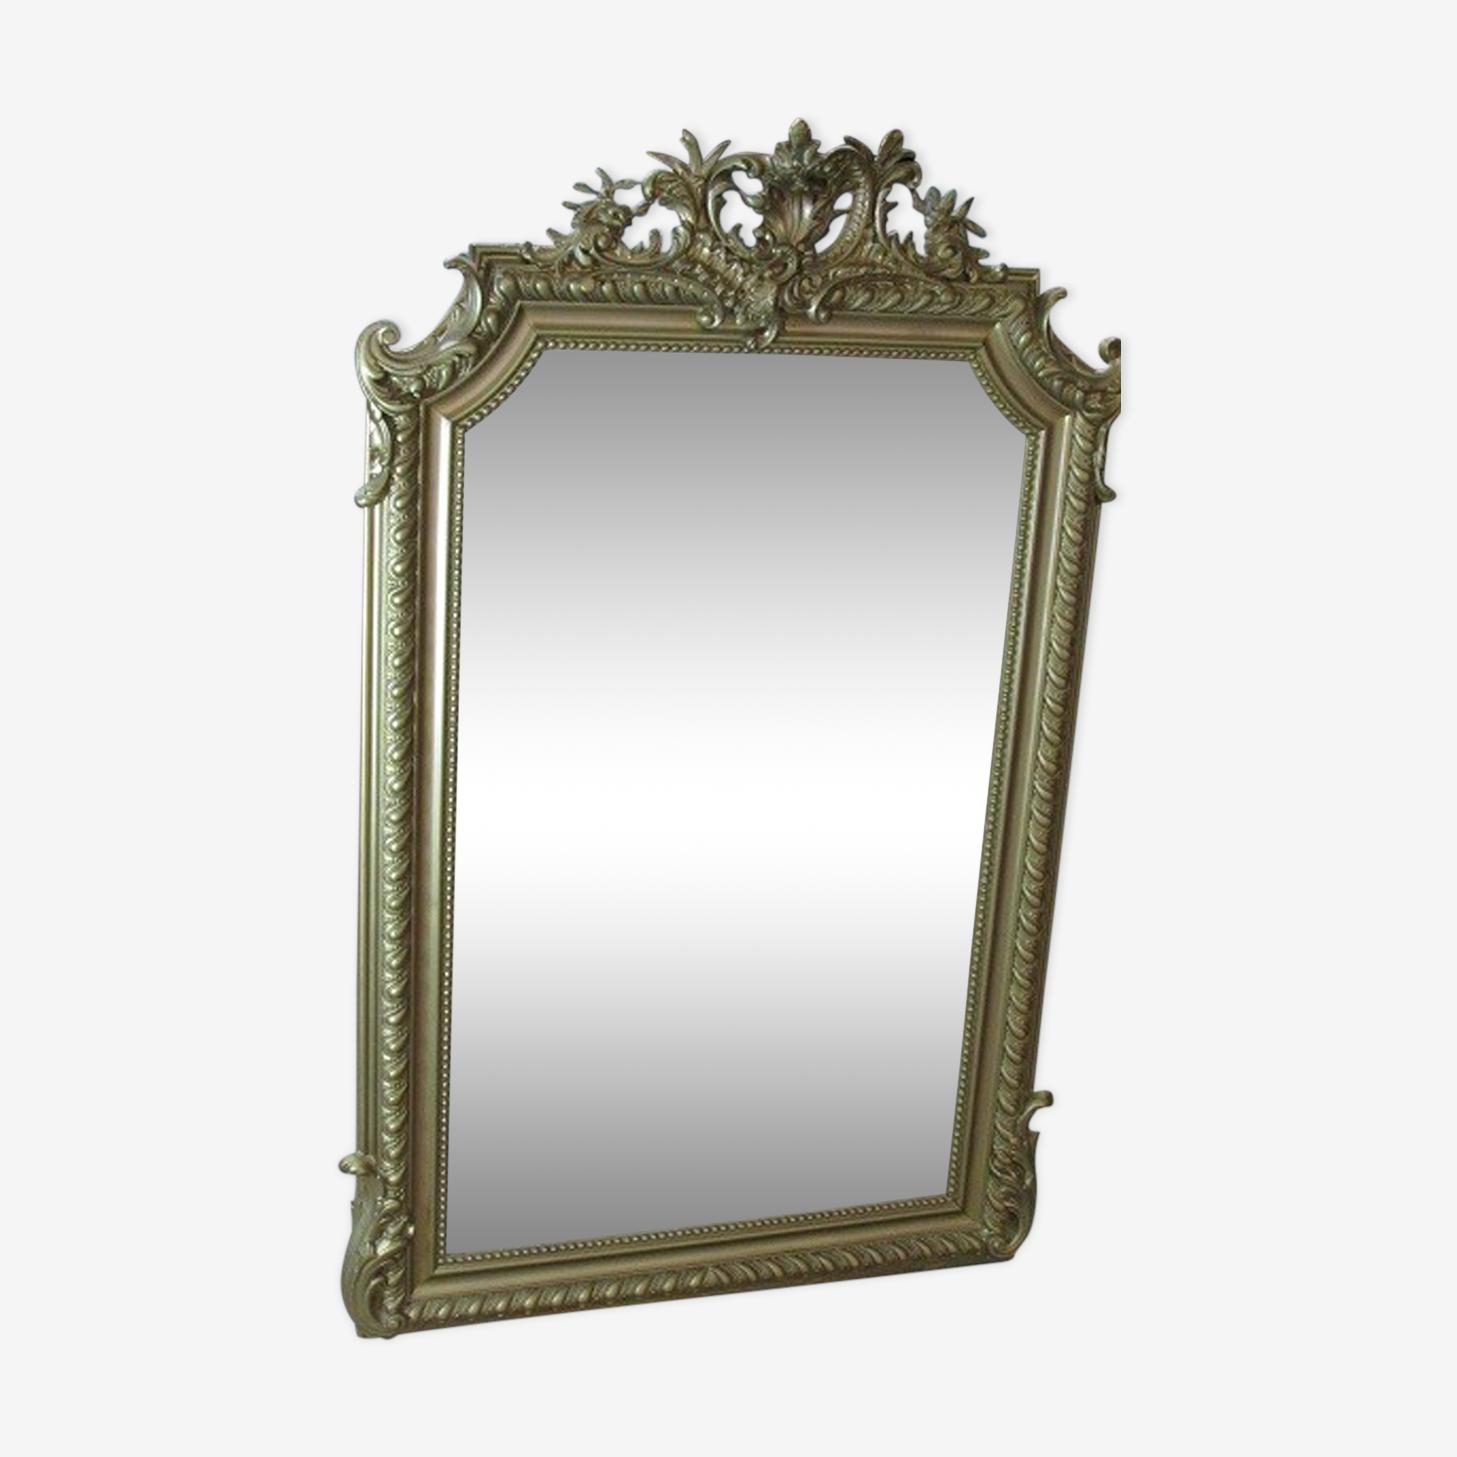 Miroir en bois et stuc doré 81x128cm